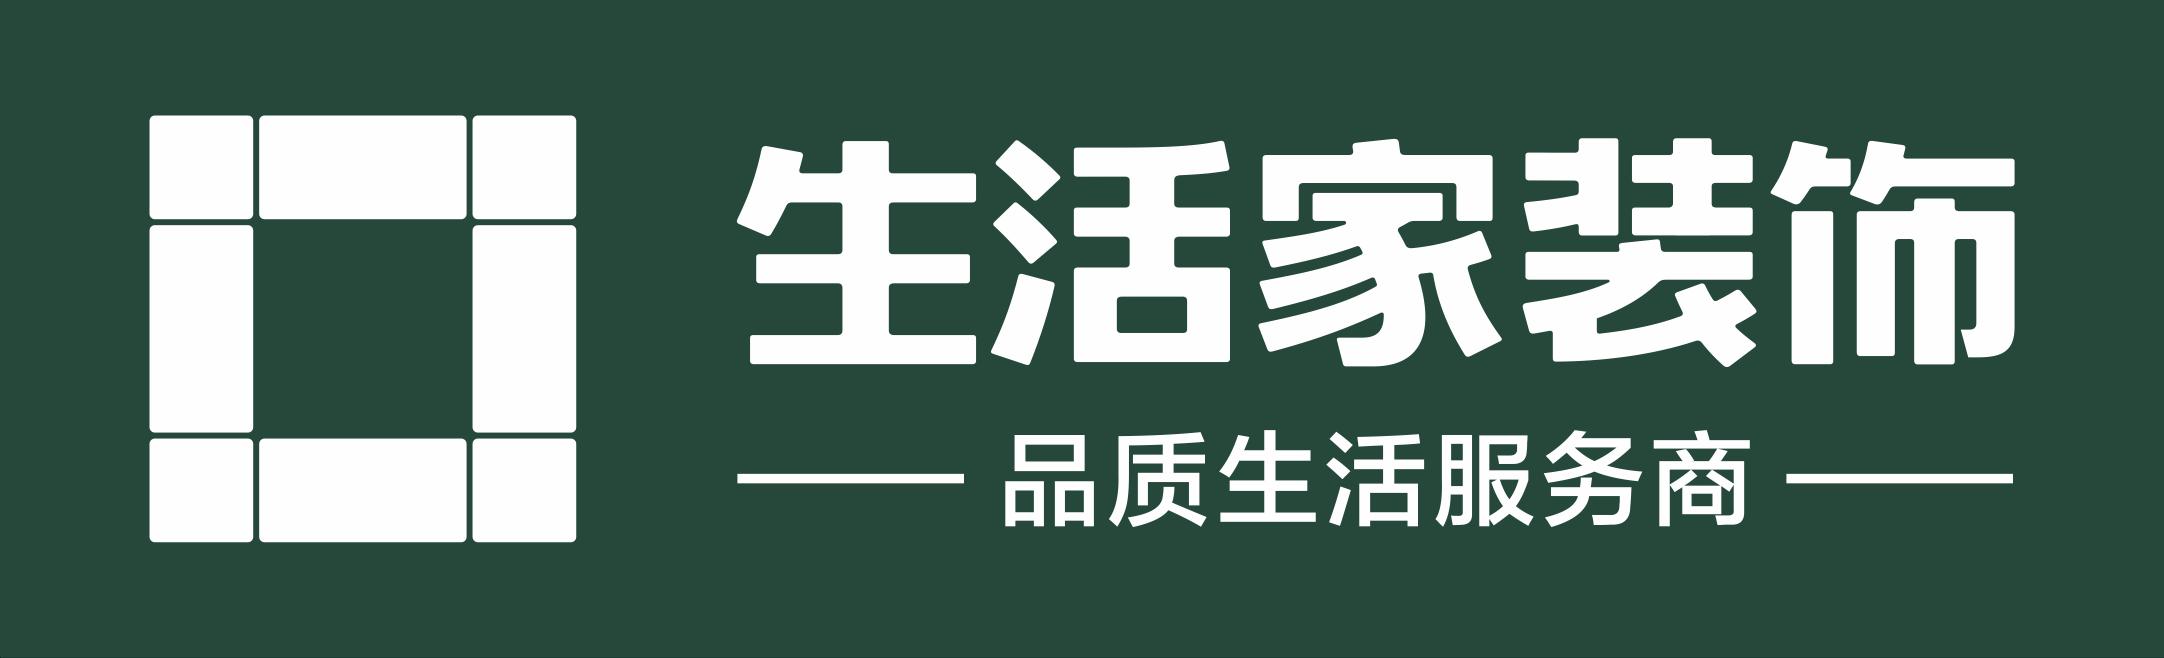 济南生活家装饰工程有限公司